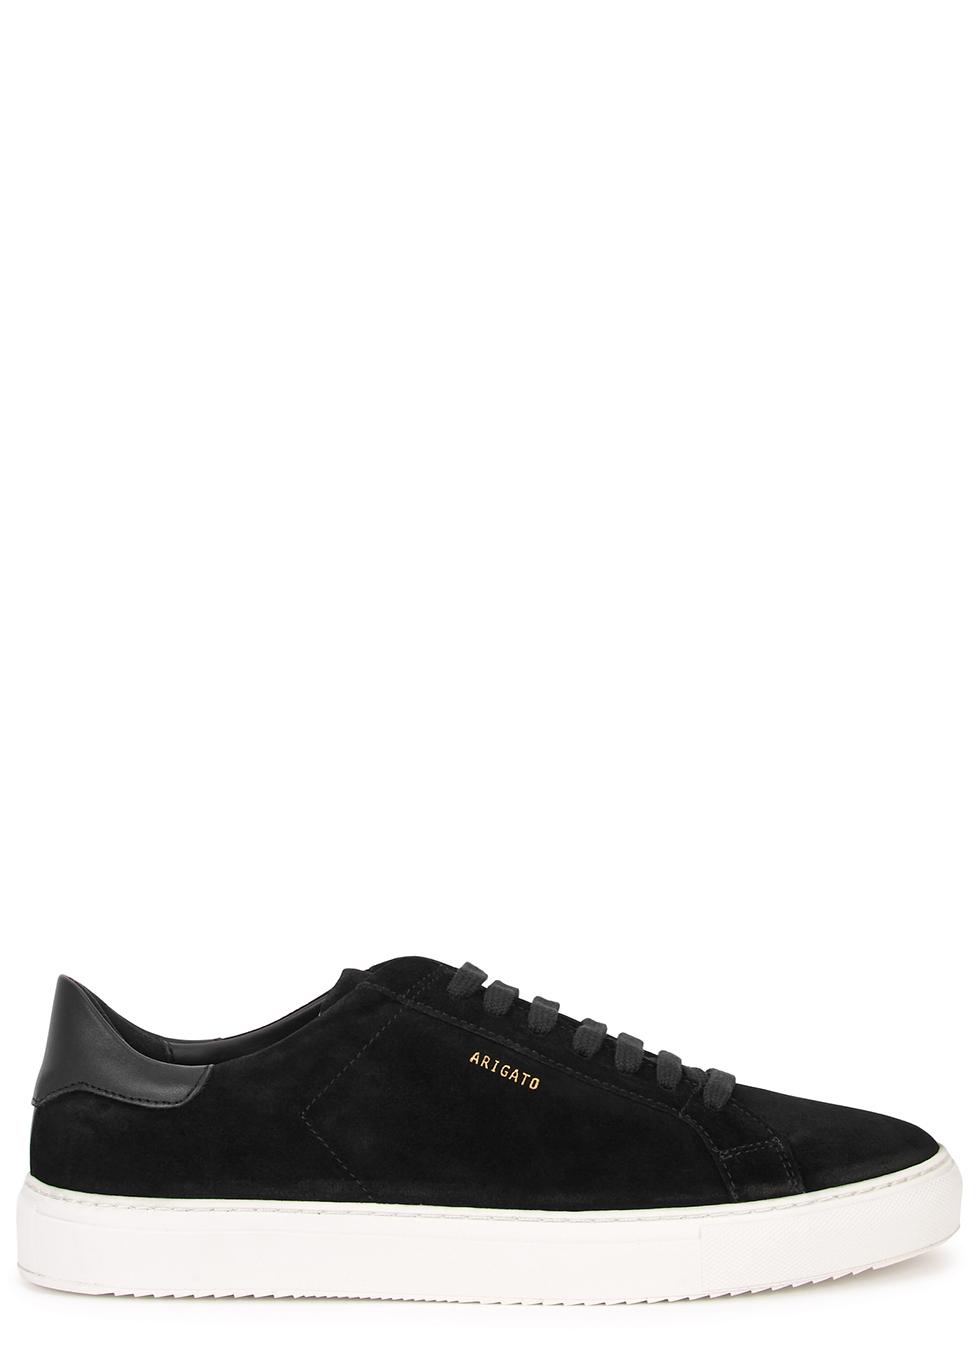 Clean 90 black suede sneakers